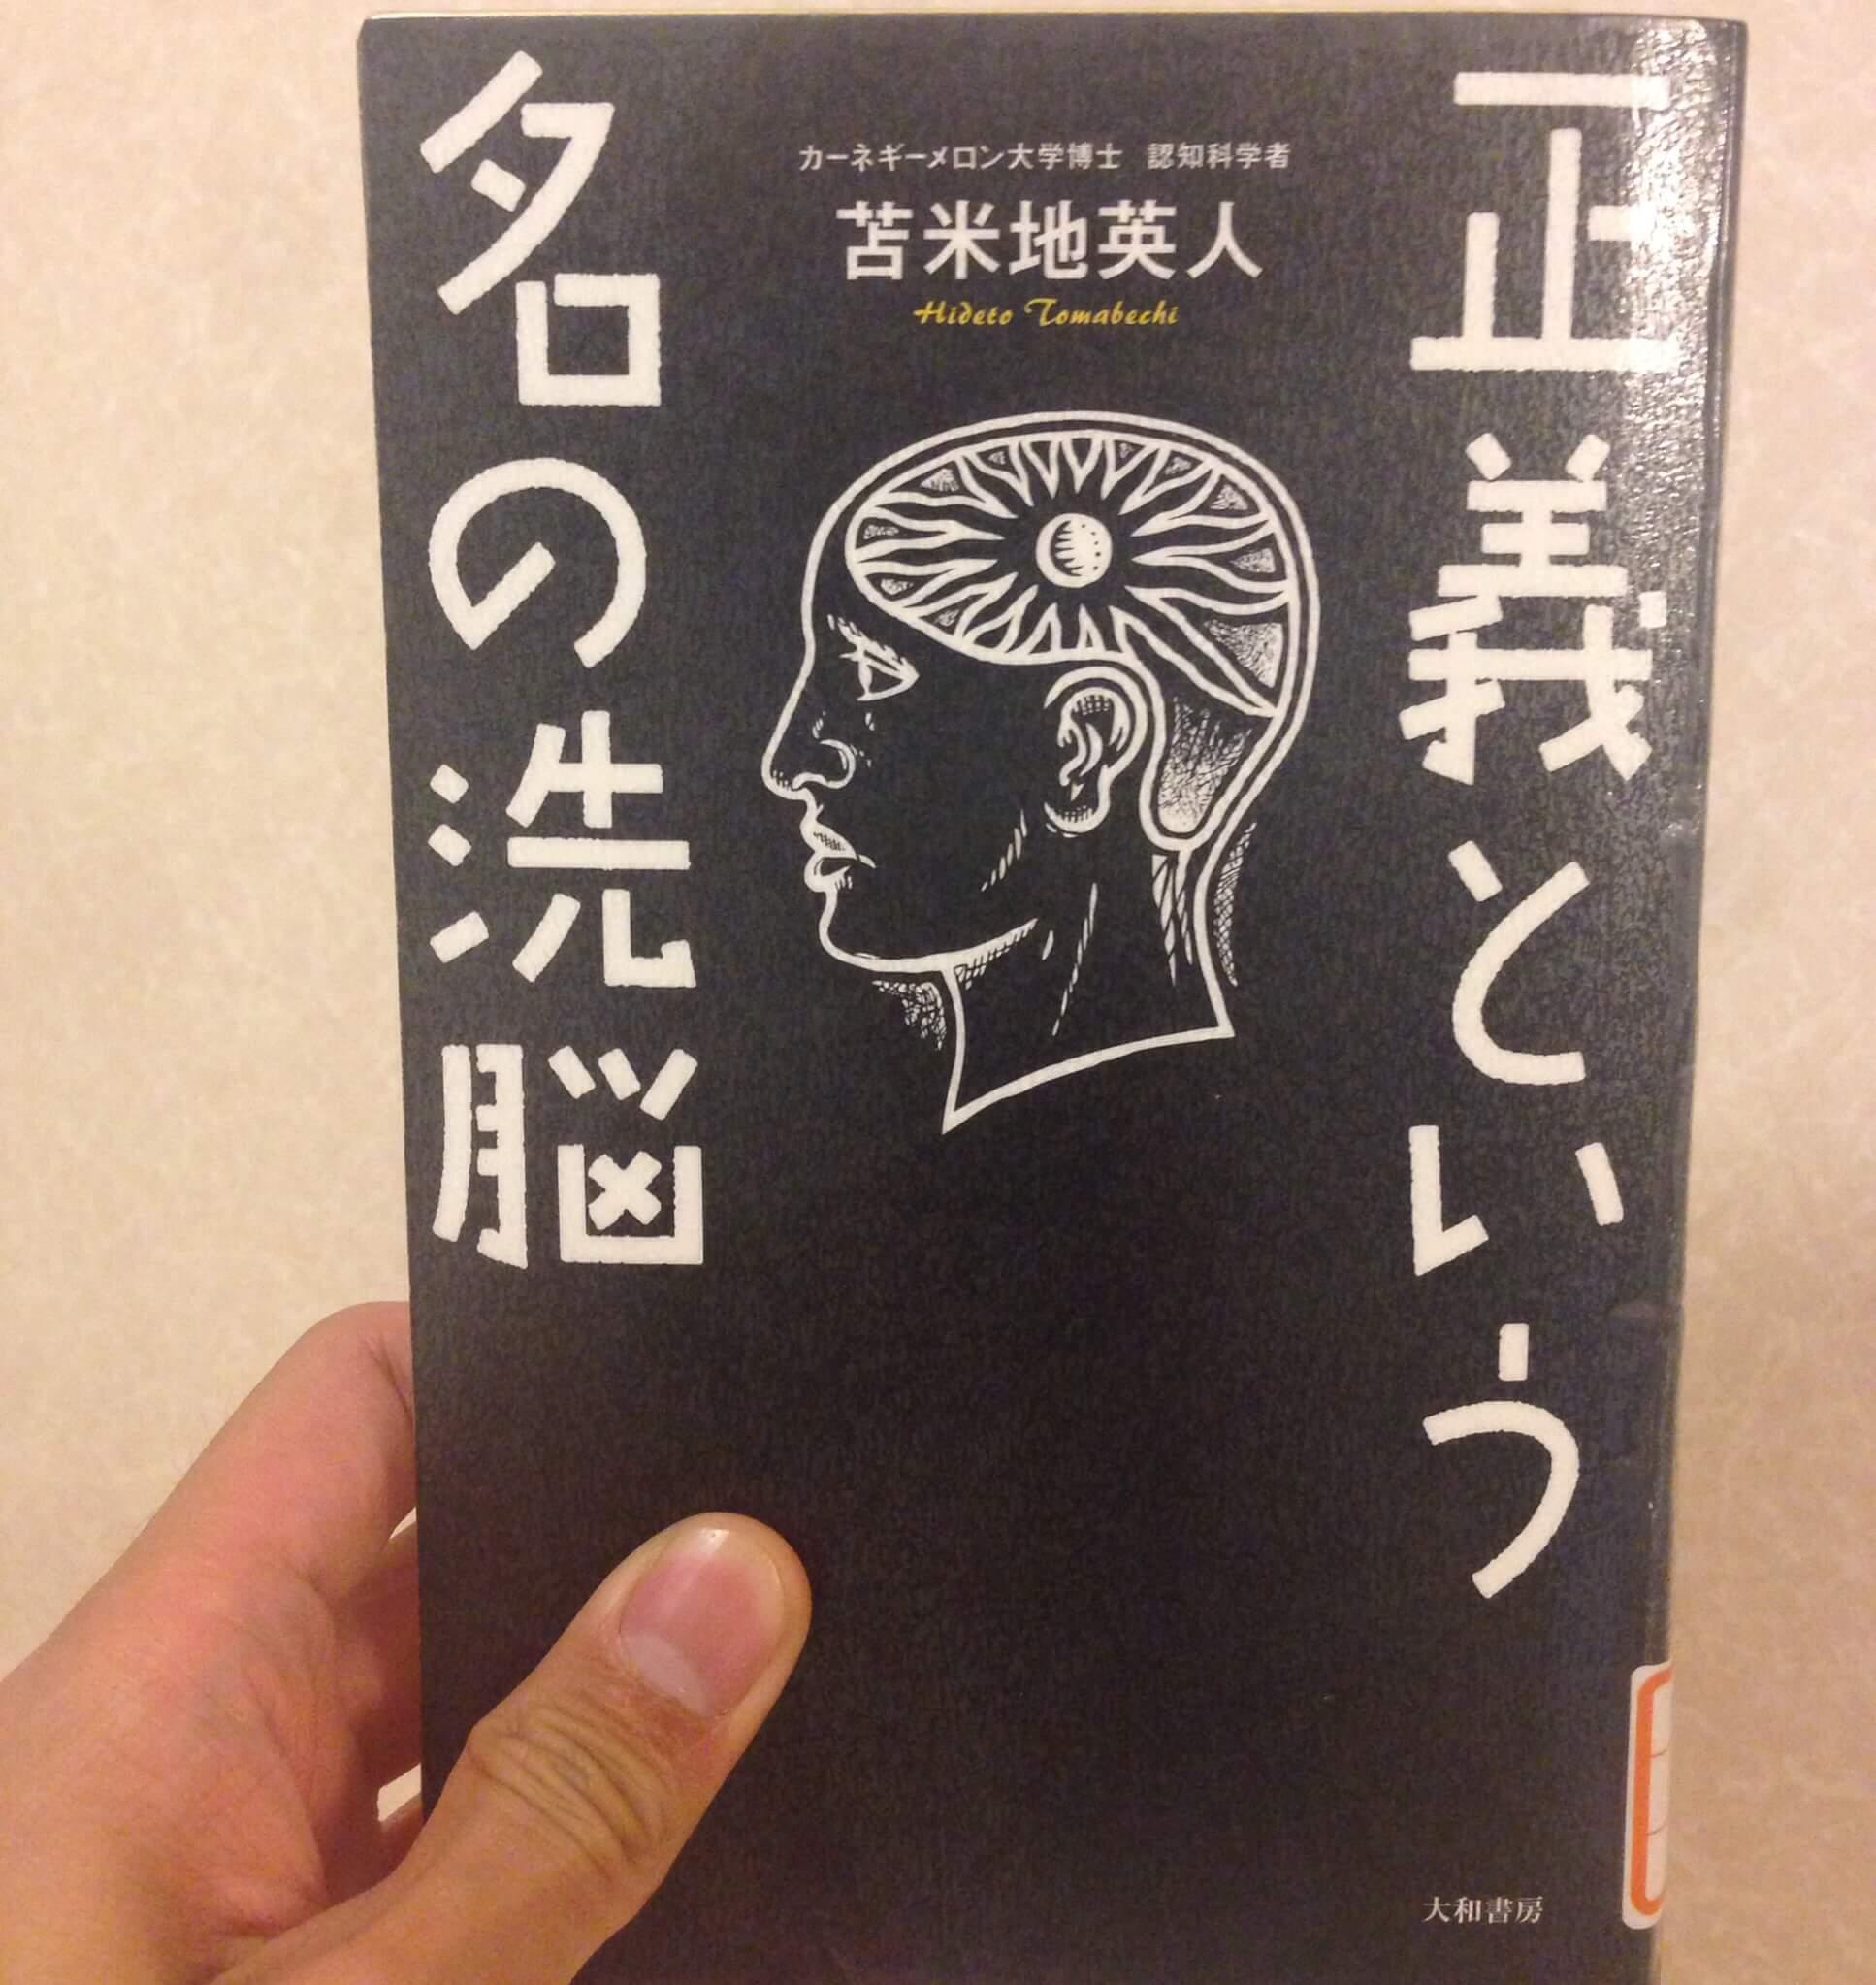 【読書録】正義という名の洗脳 苫米地 英人